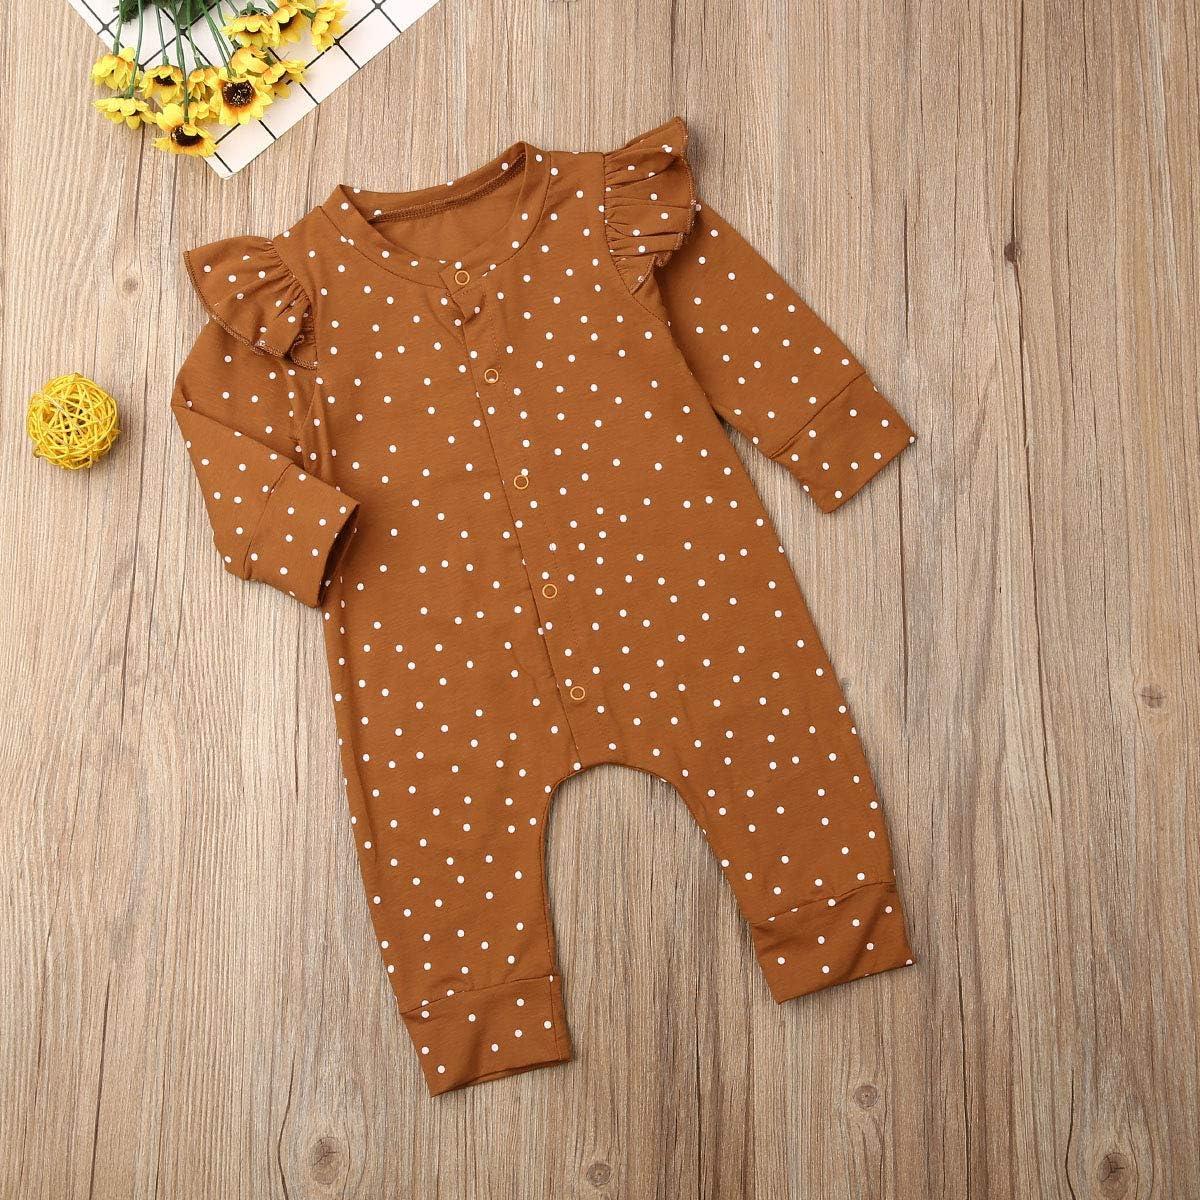 Strampler Einteiler Jumpsuit Outfits Baby Fiomva 2-teiliges Herbstkleidungs-Set f/ür Neugeborene M/ädchen